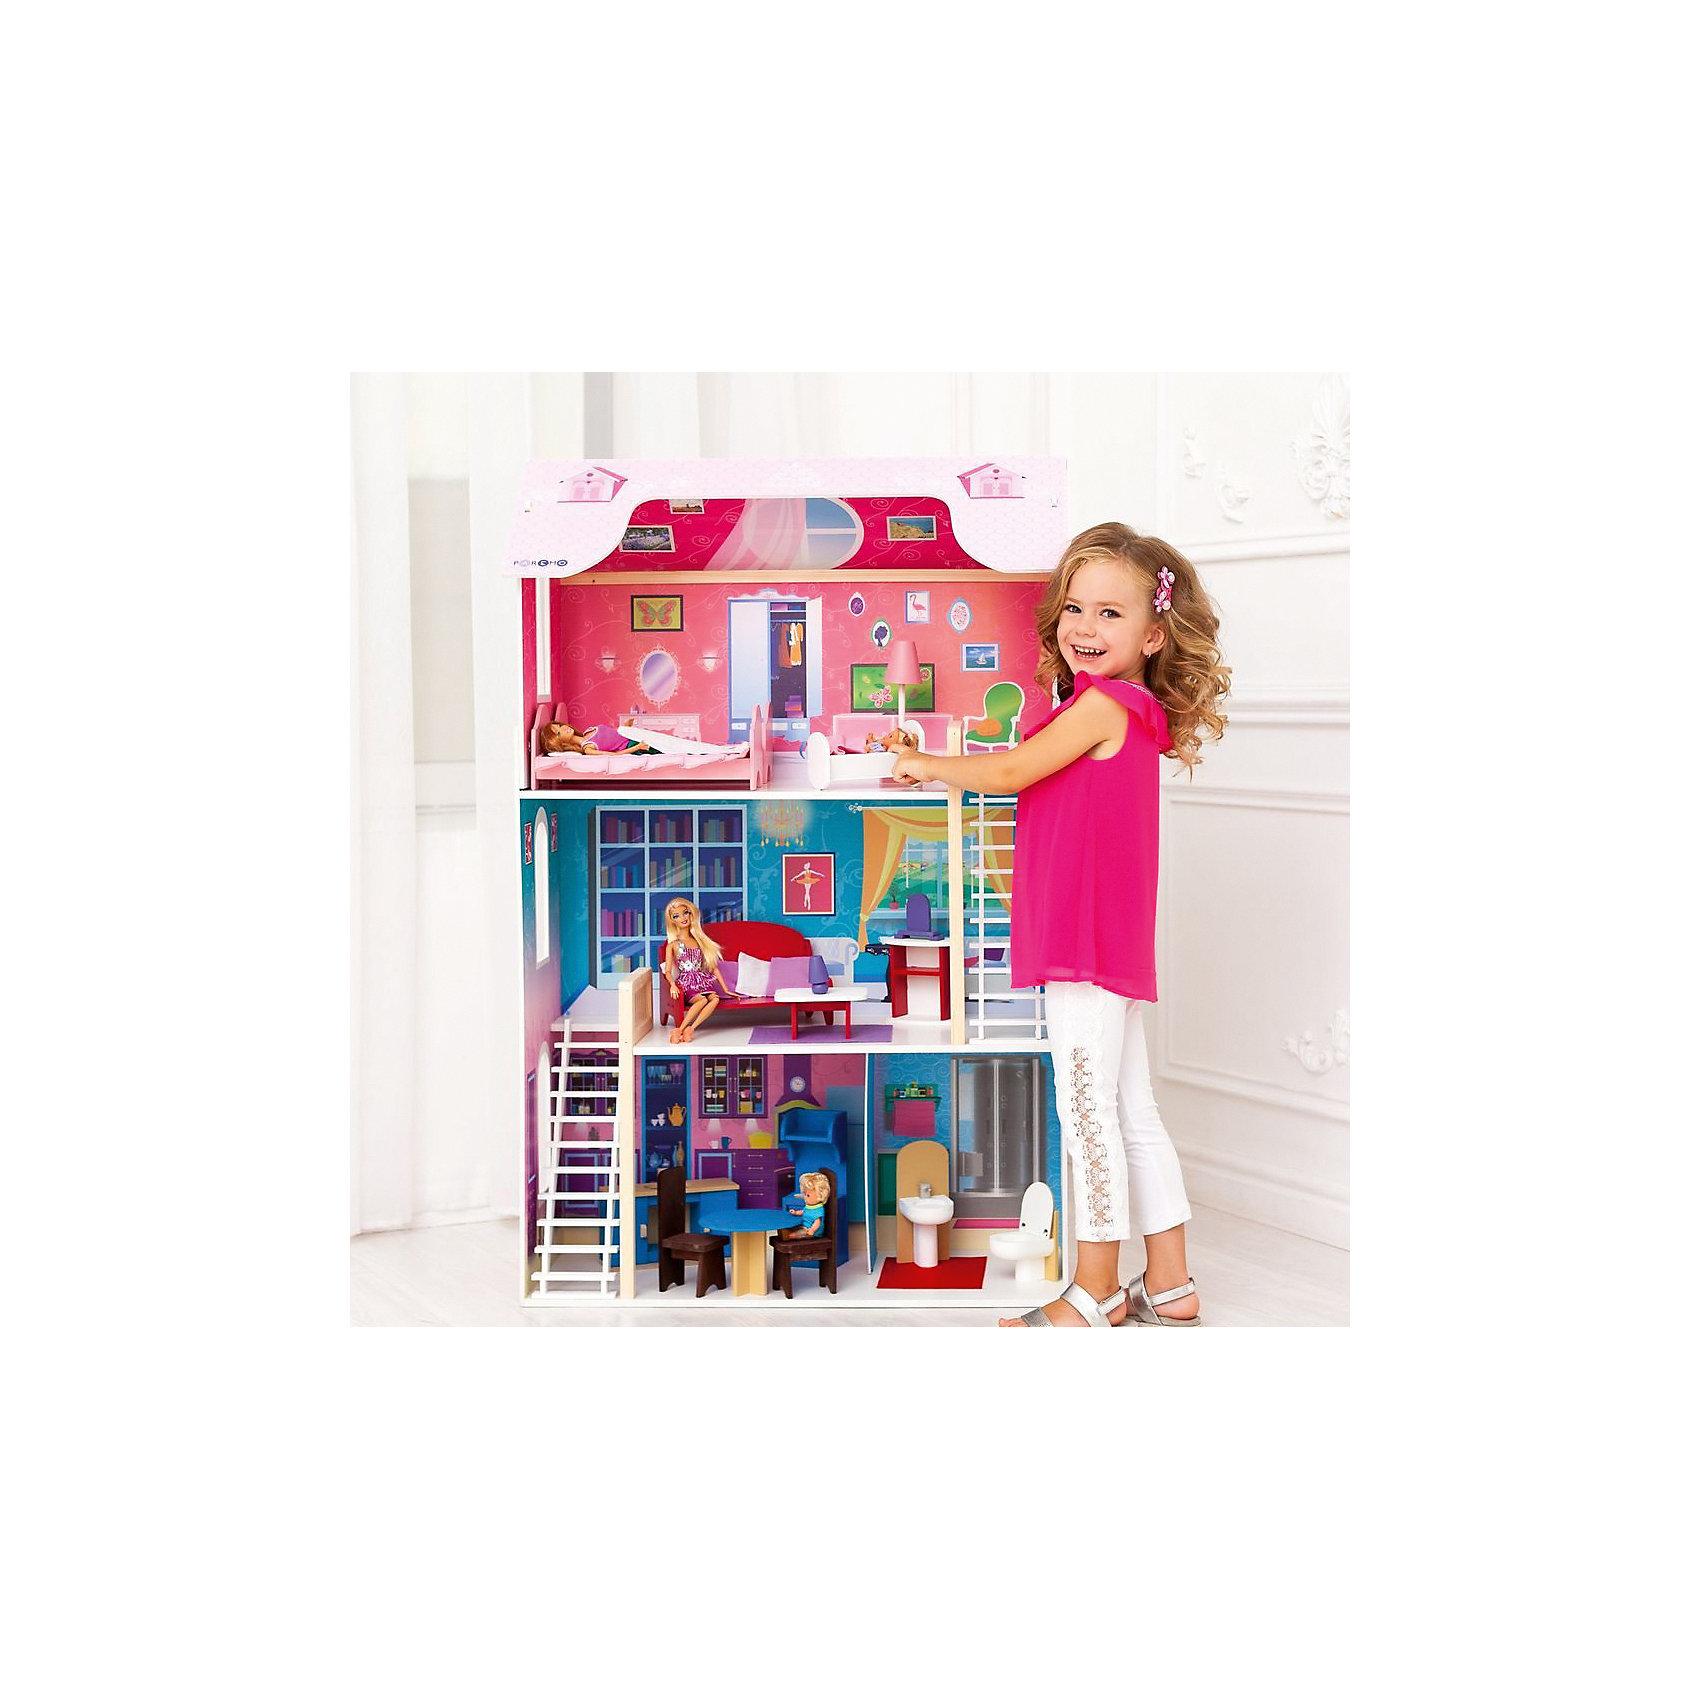 Домик для Барби Вдохновение, с аксессуарами, PAREMOДомики для кукол<br>Домик для Барби Вдохновение, с аксессуарами, PAREMO.<br><br>Характеристики:<br>•Материал: дерево, фанера, флок, фетр. Сделан из натуральных материалов- 100% дерево, ни одного пластикового элемента в каркасе и мебели.<br>•Домик имеет пристенную конструкцию: задняя часть домика глухая, а передняя – открыта.<br>•3 этажа,4 комнаты.<br>•Цвет: насыщенно-розовый.<br>•Подходит для всех кукол высотой до 30 см<br>•Конструкция продается в разобранном виде. Инструкция по сборке входит в комплект.<br>•Размер игрушки в собранном виде - 82х33х120 см.<br>•Размер упаковки - 88х36х30 см.<br>•Вес 16 кг. <br><br>В комплекте:<br><br>• 16 аксессуаров: раковина, унитаз (крышка поднимается), обеденный стол, 2 стула, кухонная плита (дверца духового шкафа открывается, верхняя полка выдвигается), кухонная мойка (боковые дверцы открываются), диван, журнальный столик, шкафчик, часы, лампа, 2 кровати, колыбель, торшер.<br><br>ВНИМАНИЕ! Куклы, кукольная одежда и транспорт, а также текстиль приобретается отдельно!<br><br>Домик для Барби Вдохновение, с аксессуарами, PAREMO (Паремо) –игрушка от российского производителя. Фасады украшают цветочные орнаменты. Белоснежные рамы окон и балконы, контрастируя с цветом фасадов, делают домик и грациозным и нежным одновременно. На крыше два мансардных окошка (наклейки).<br>В доме имеются 3 этажа и 4 большие комнаты. На первом этаже располагаются кухня-столовая и ванная комната, на втором – гостиная, на третьем – кукольная спальня. Между этажами имеется белоснежная флокированная лестница, бархатистая и мягкая на ощупь, создающая ощущение уюта и мягкости. <br>Материалы, из которых изготовлен домик, полностью соответствуют российским стандартам безопасности. С домиком можно играть на улице, Цвета не выгорают на солнце и не портятся от дождя.<br><br>Домик для Барби Вдохновение, с аксессуарами, PAREMO, можно купить в нашем интернет - магазине<br><br>Ширина мм: 360<br>Глубина мм: 880<br>Высота м